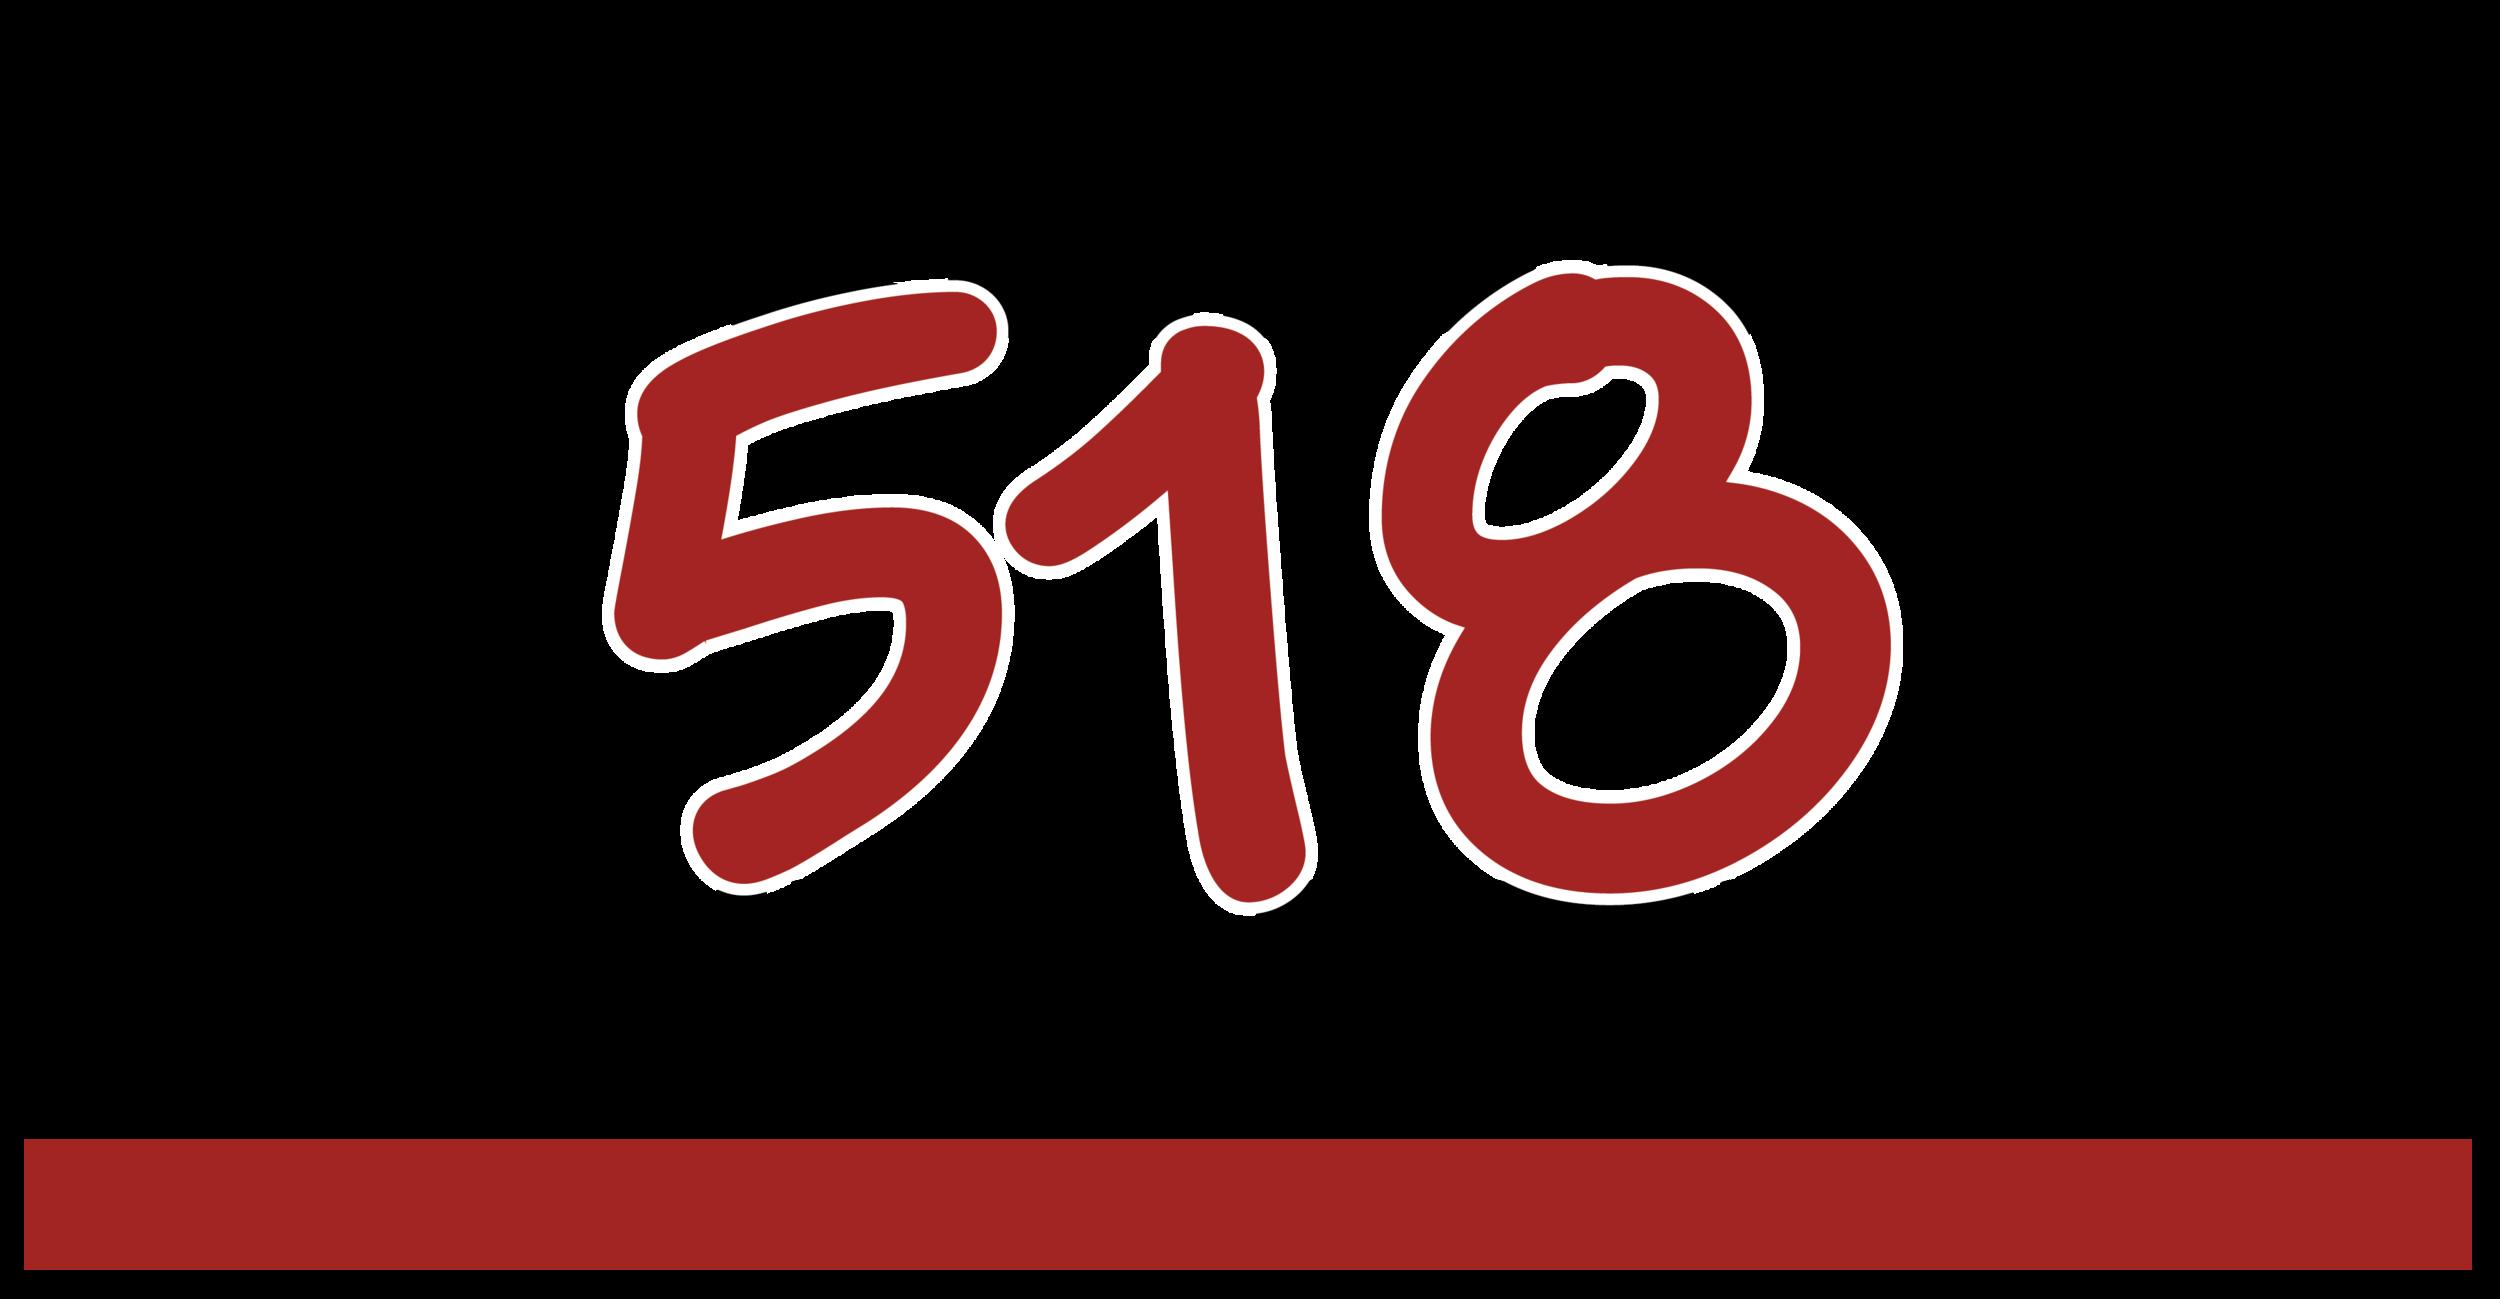 Worthington_Referendum_Logo.png